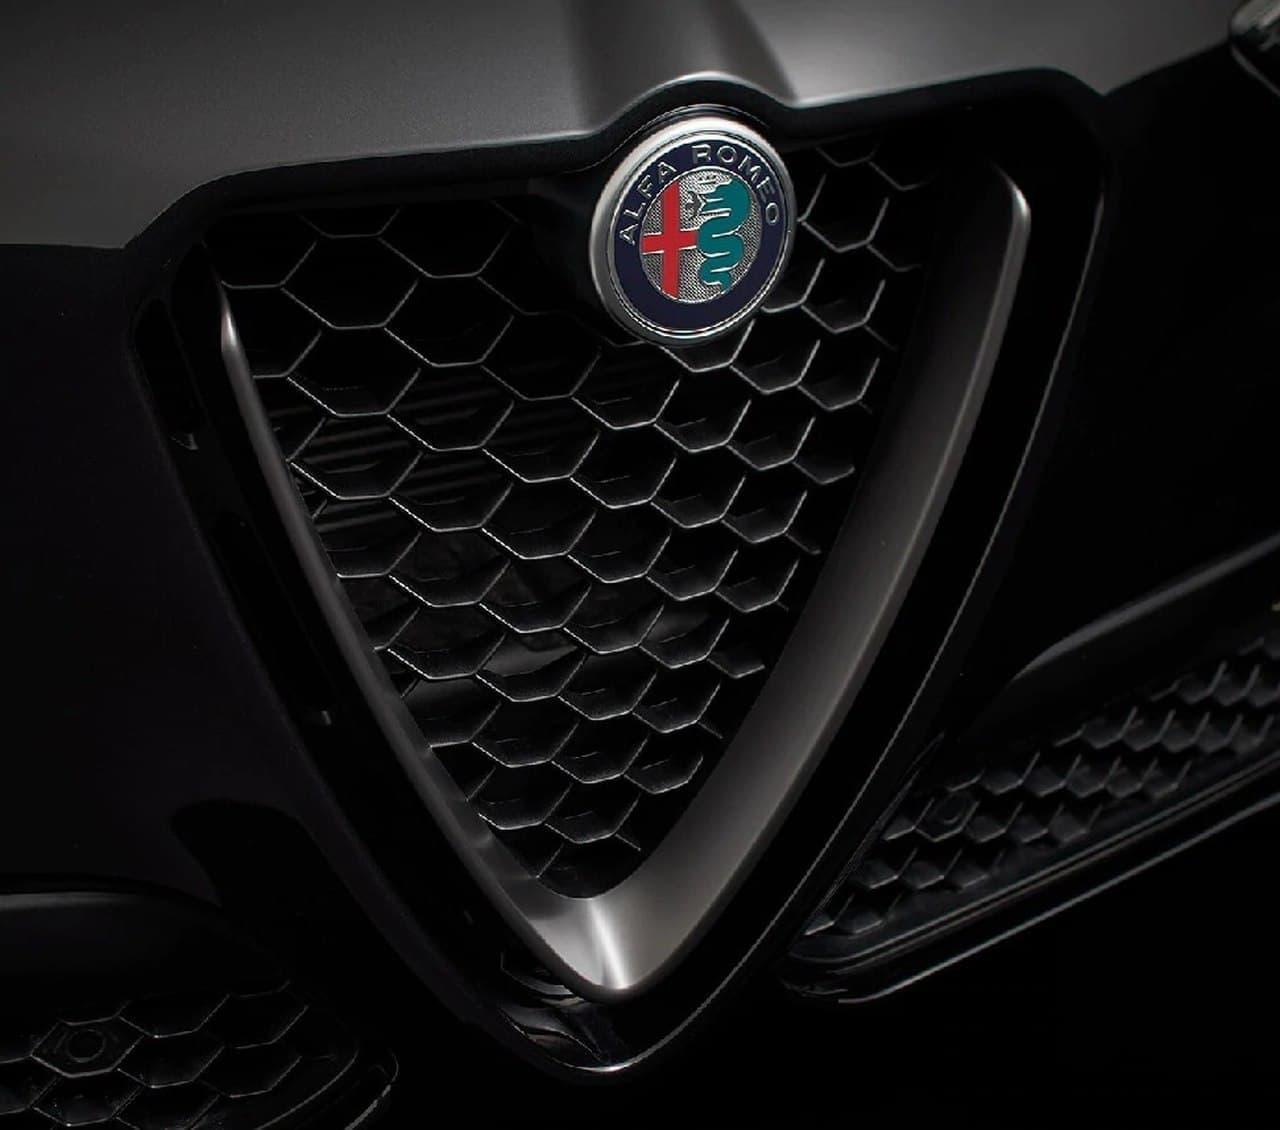 アルファロメオ「Stelvio」に限定車「モノクロームエディション」